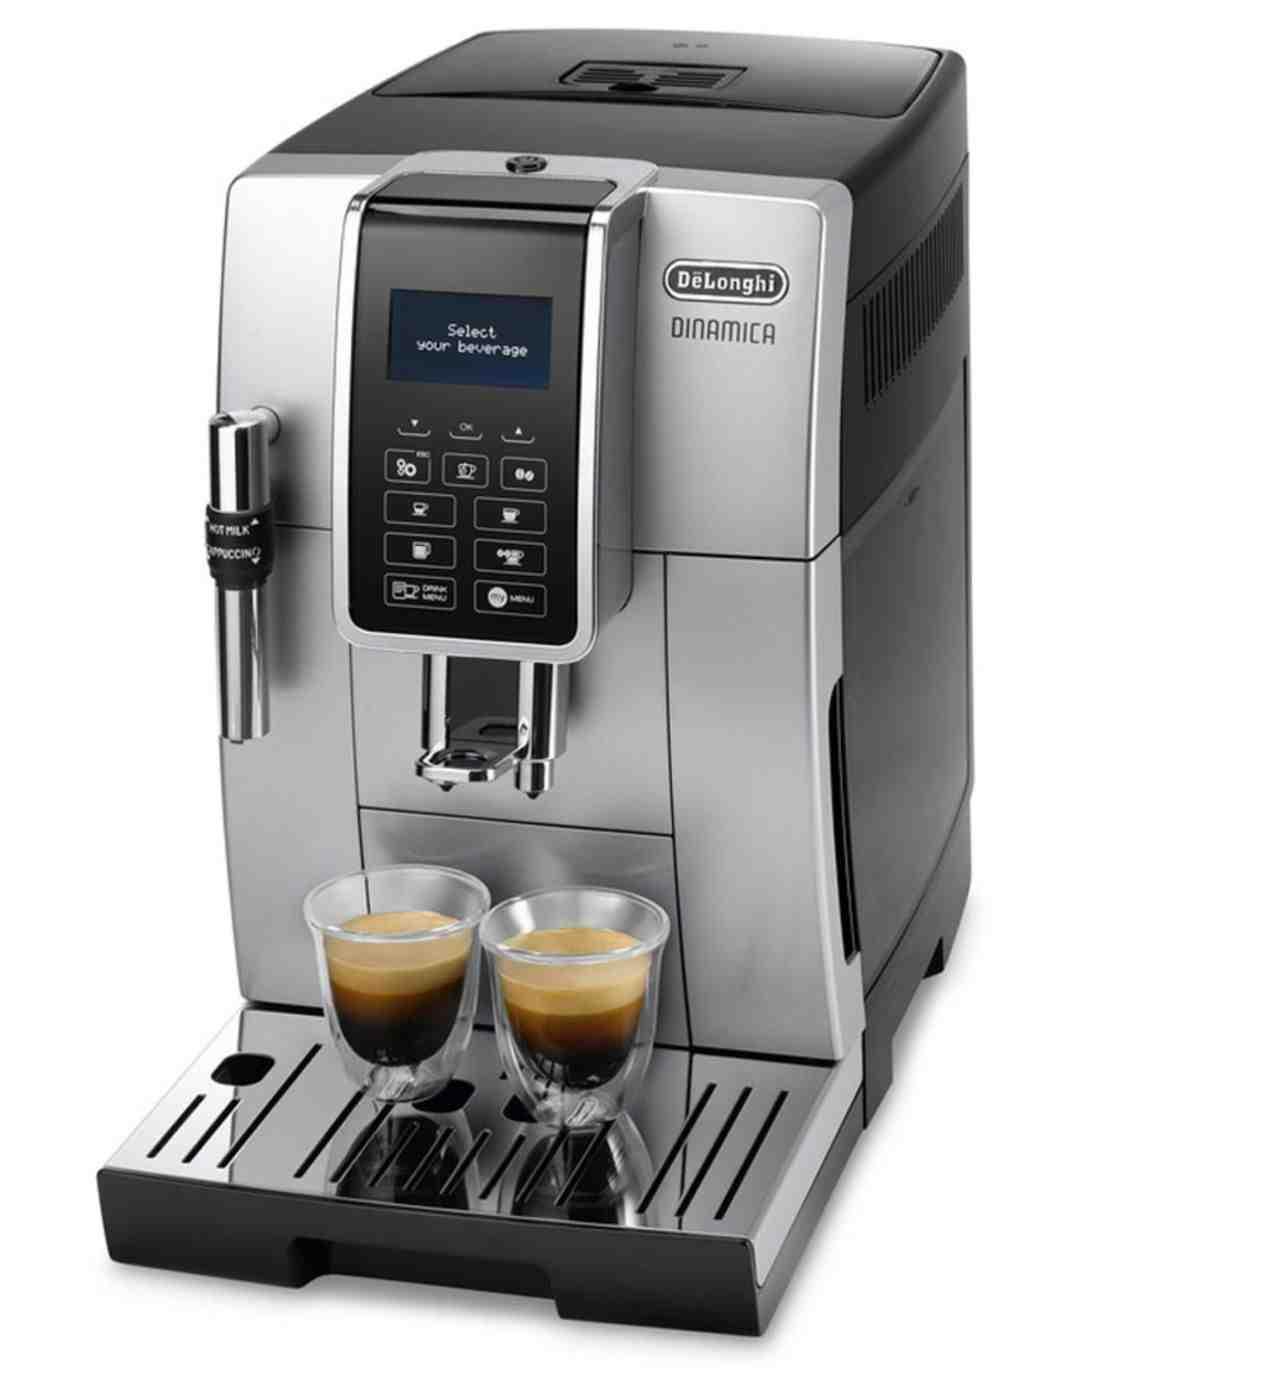 Comment régler correctement la machine à café en grains?